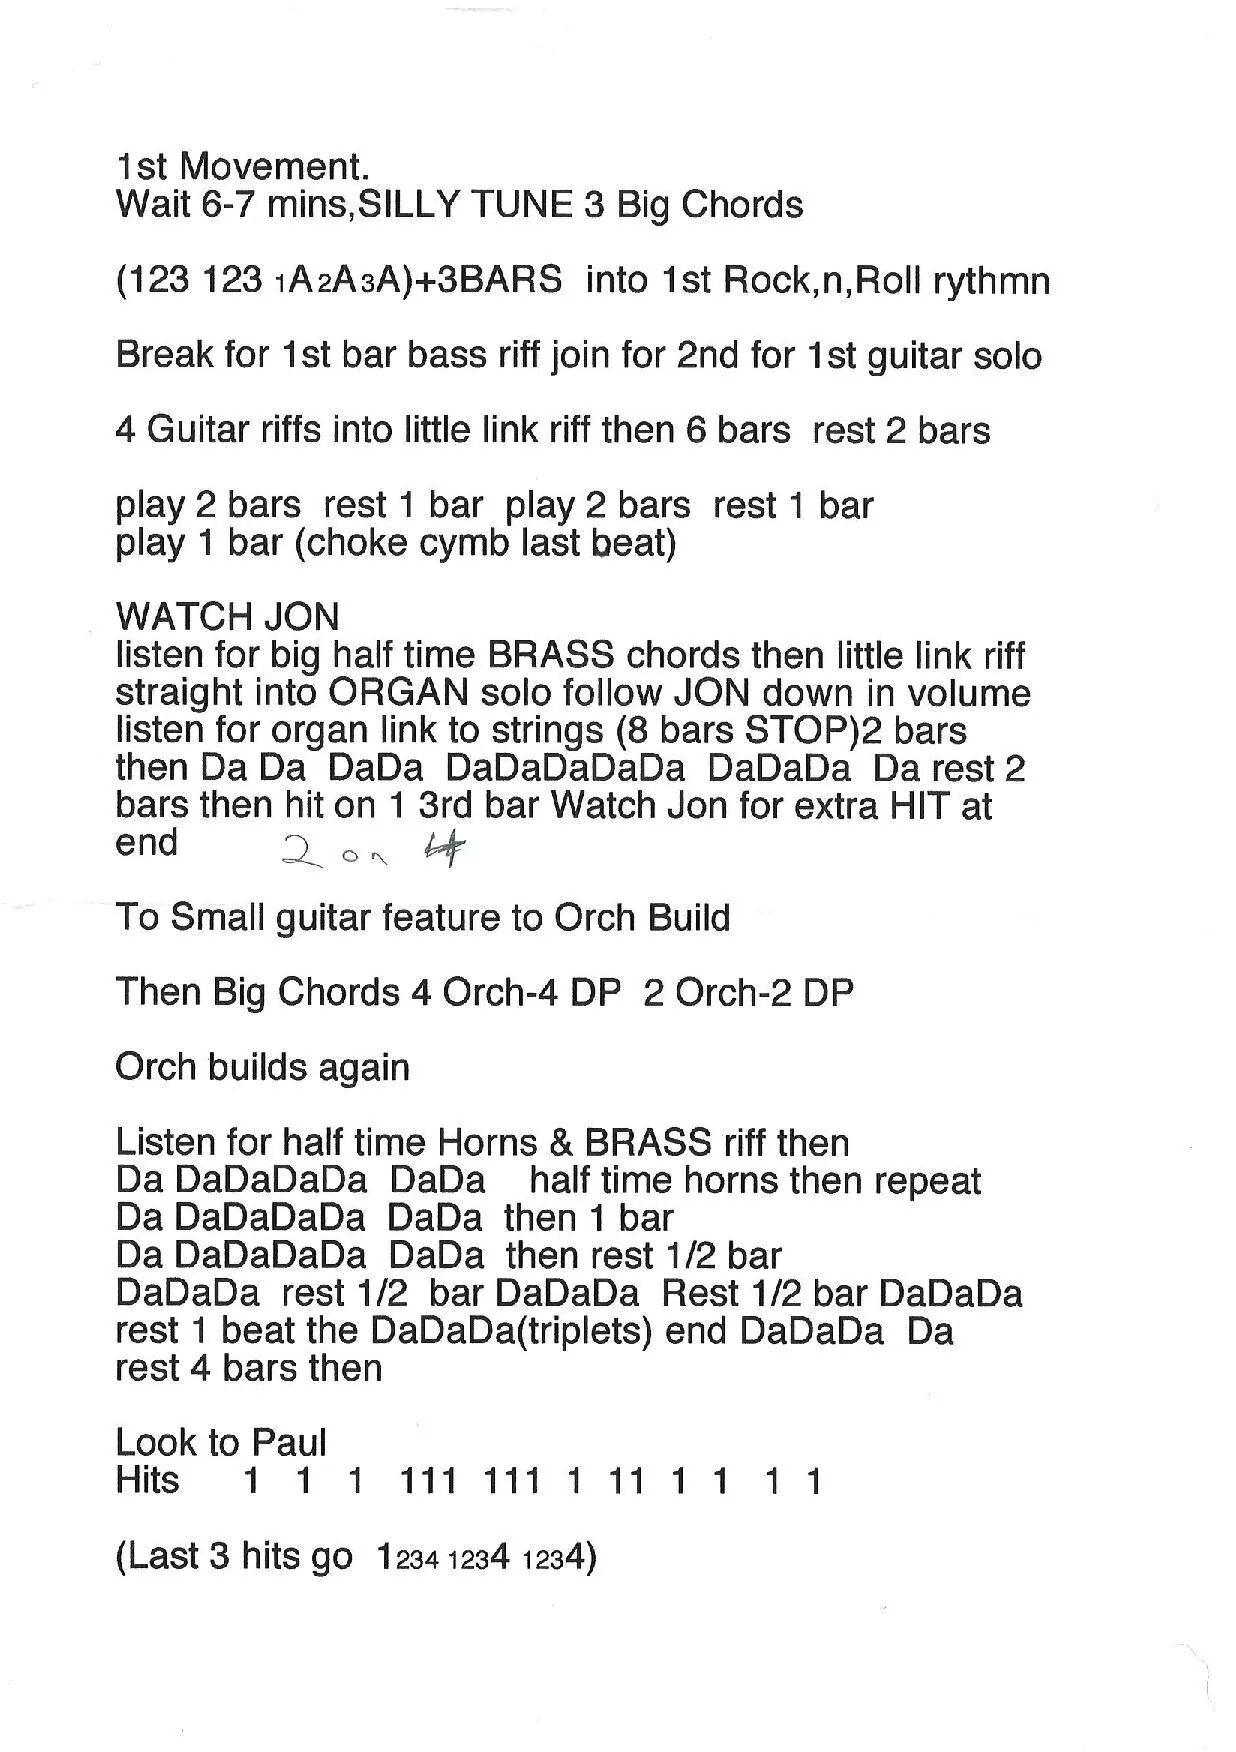 La Mejor De Todas Lyrics In English : mejor, todas, lyrics, english, Lyrics, English